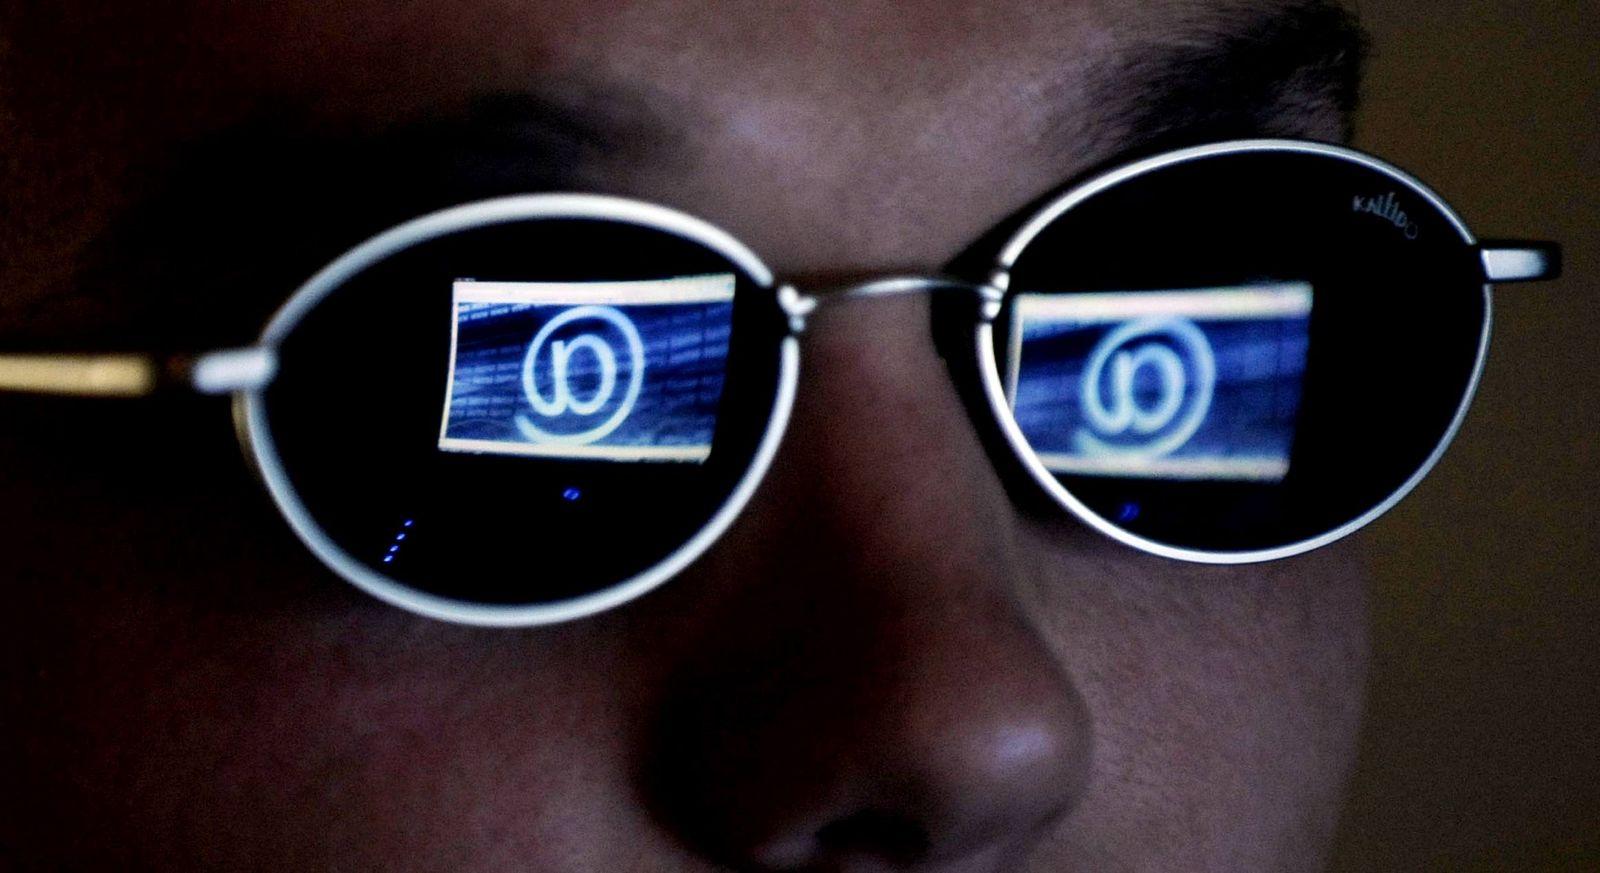 NICHT VERWENDEN Symbolbild Internetsucht